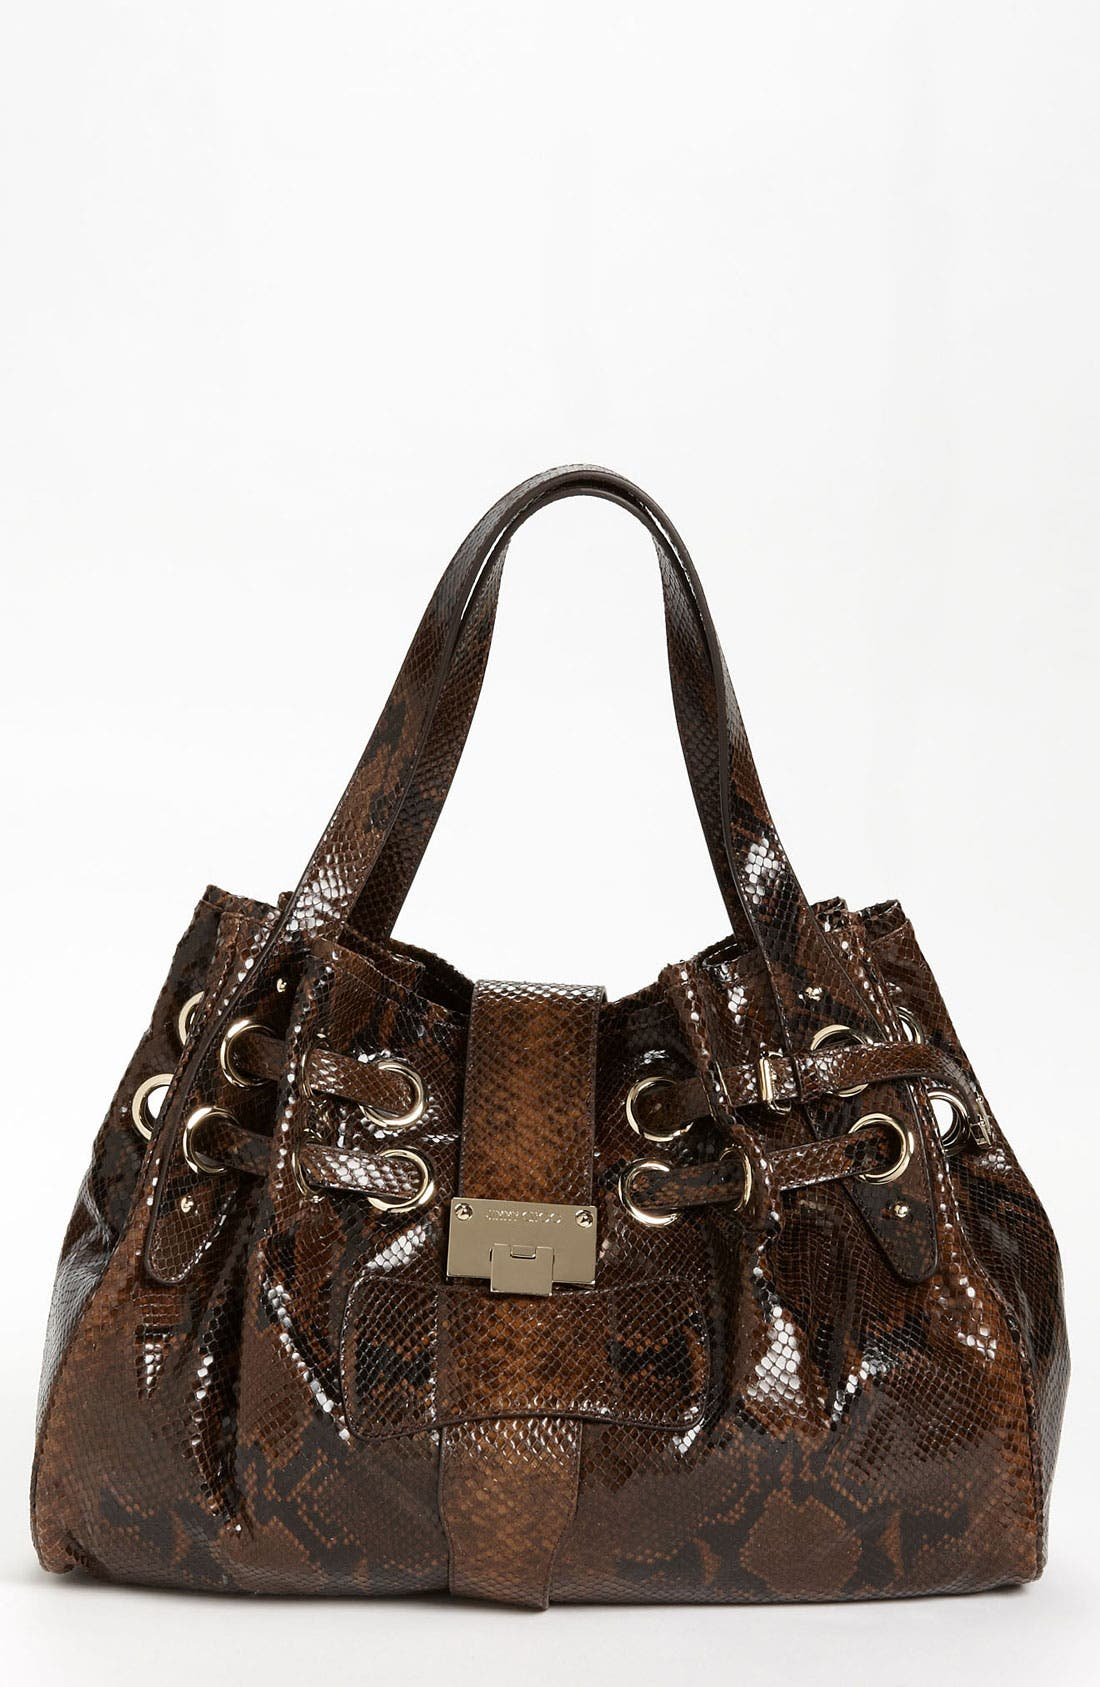 Main Image - Jimmy Choo 'Ramona' Snake Embossed Leather Shopper, Large